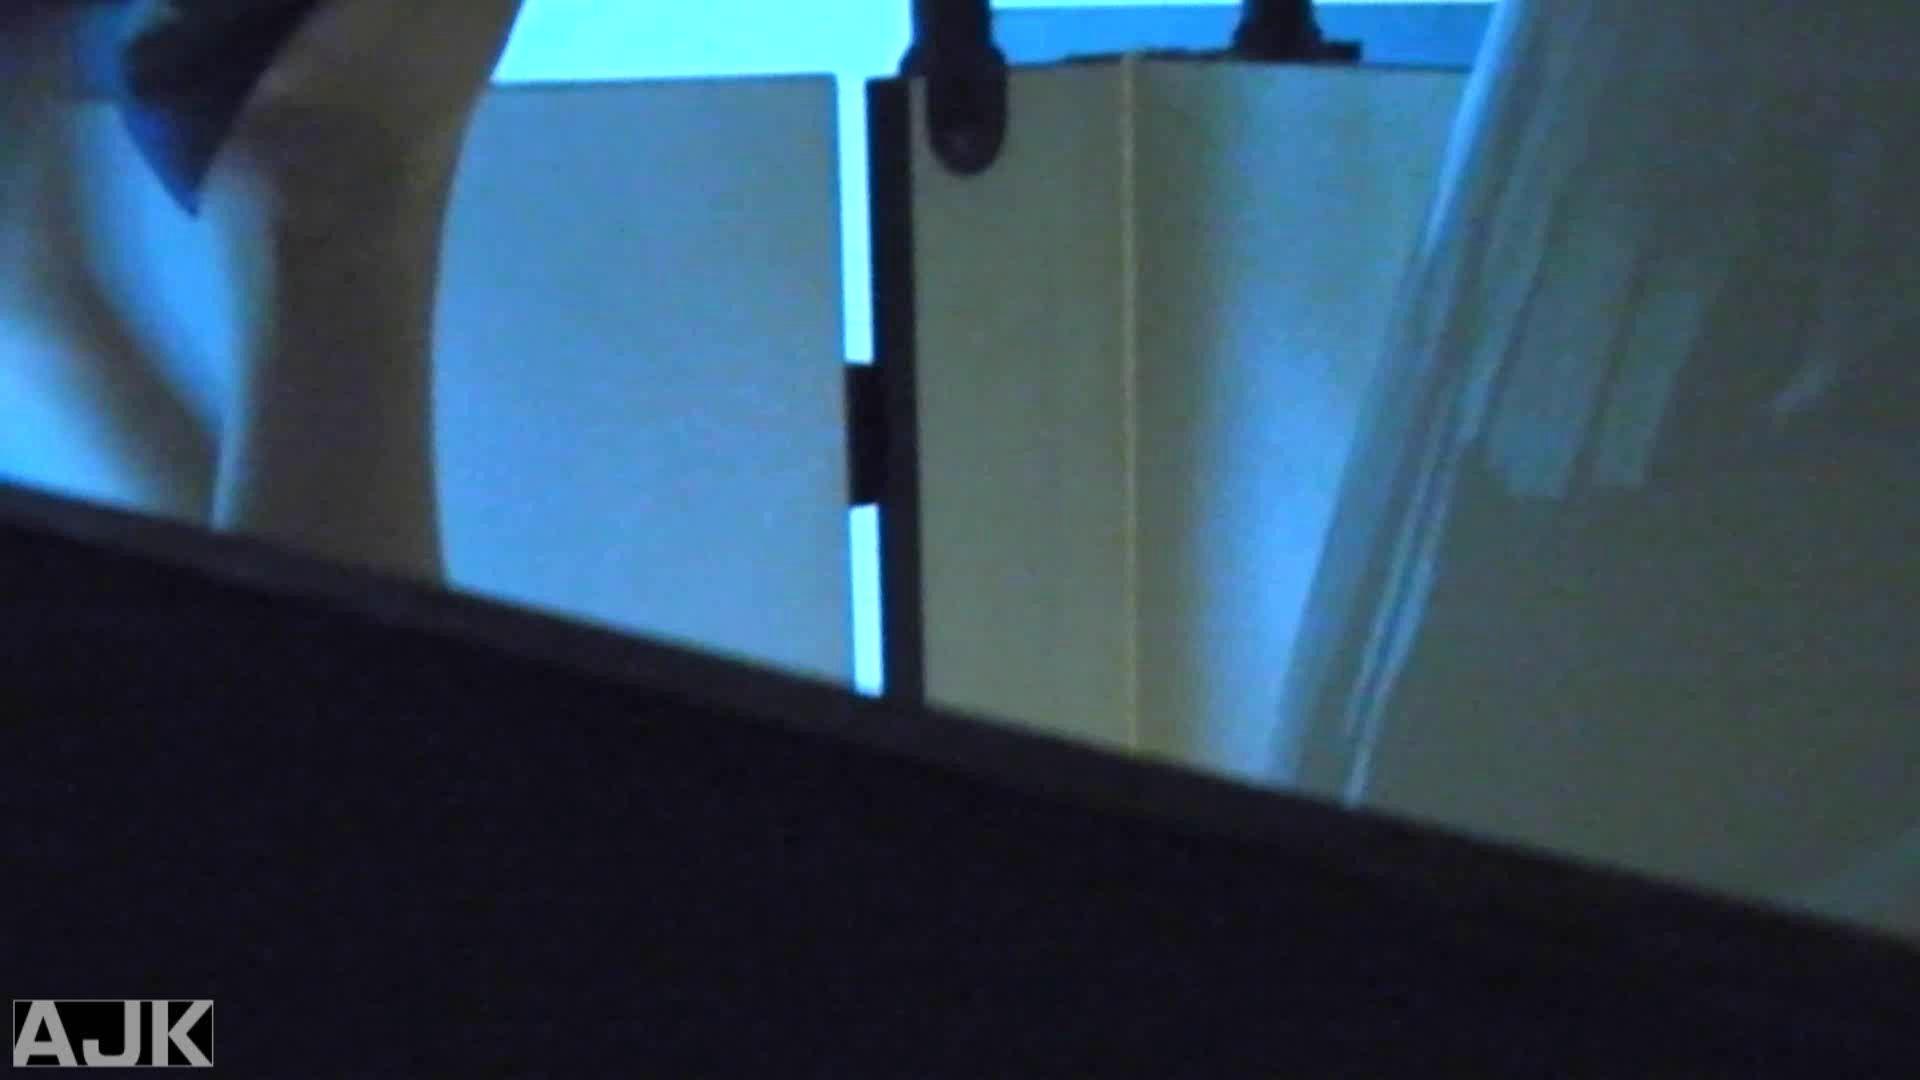 神降臨!史上最強の潜入かわや! vol.17 マンコ無修正 盗撮おまんこ無修正動画無料 94画像 19